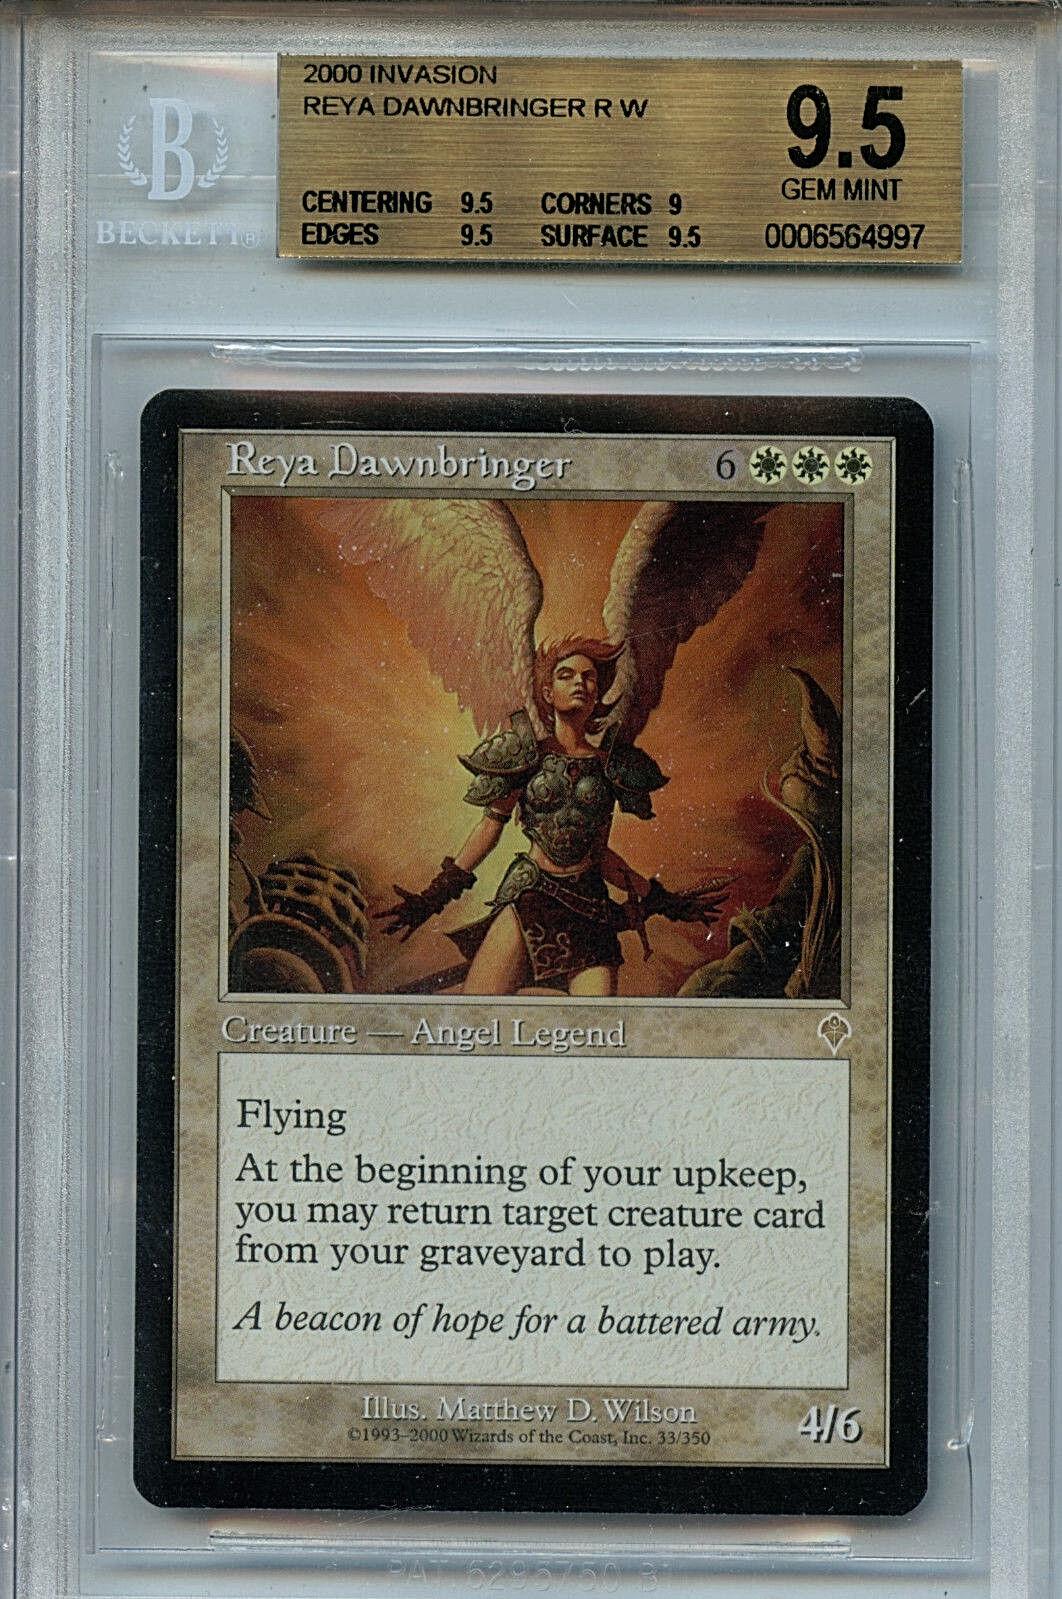 Mtg reya dawnbringer bgs 9,5 gem - invasion magische karte amricons 4997 c) zwischenergebnis...............................................